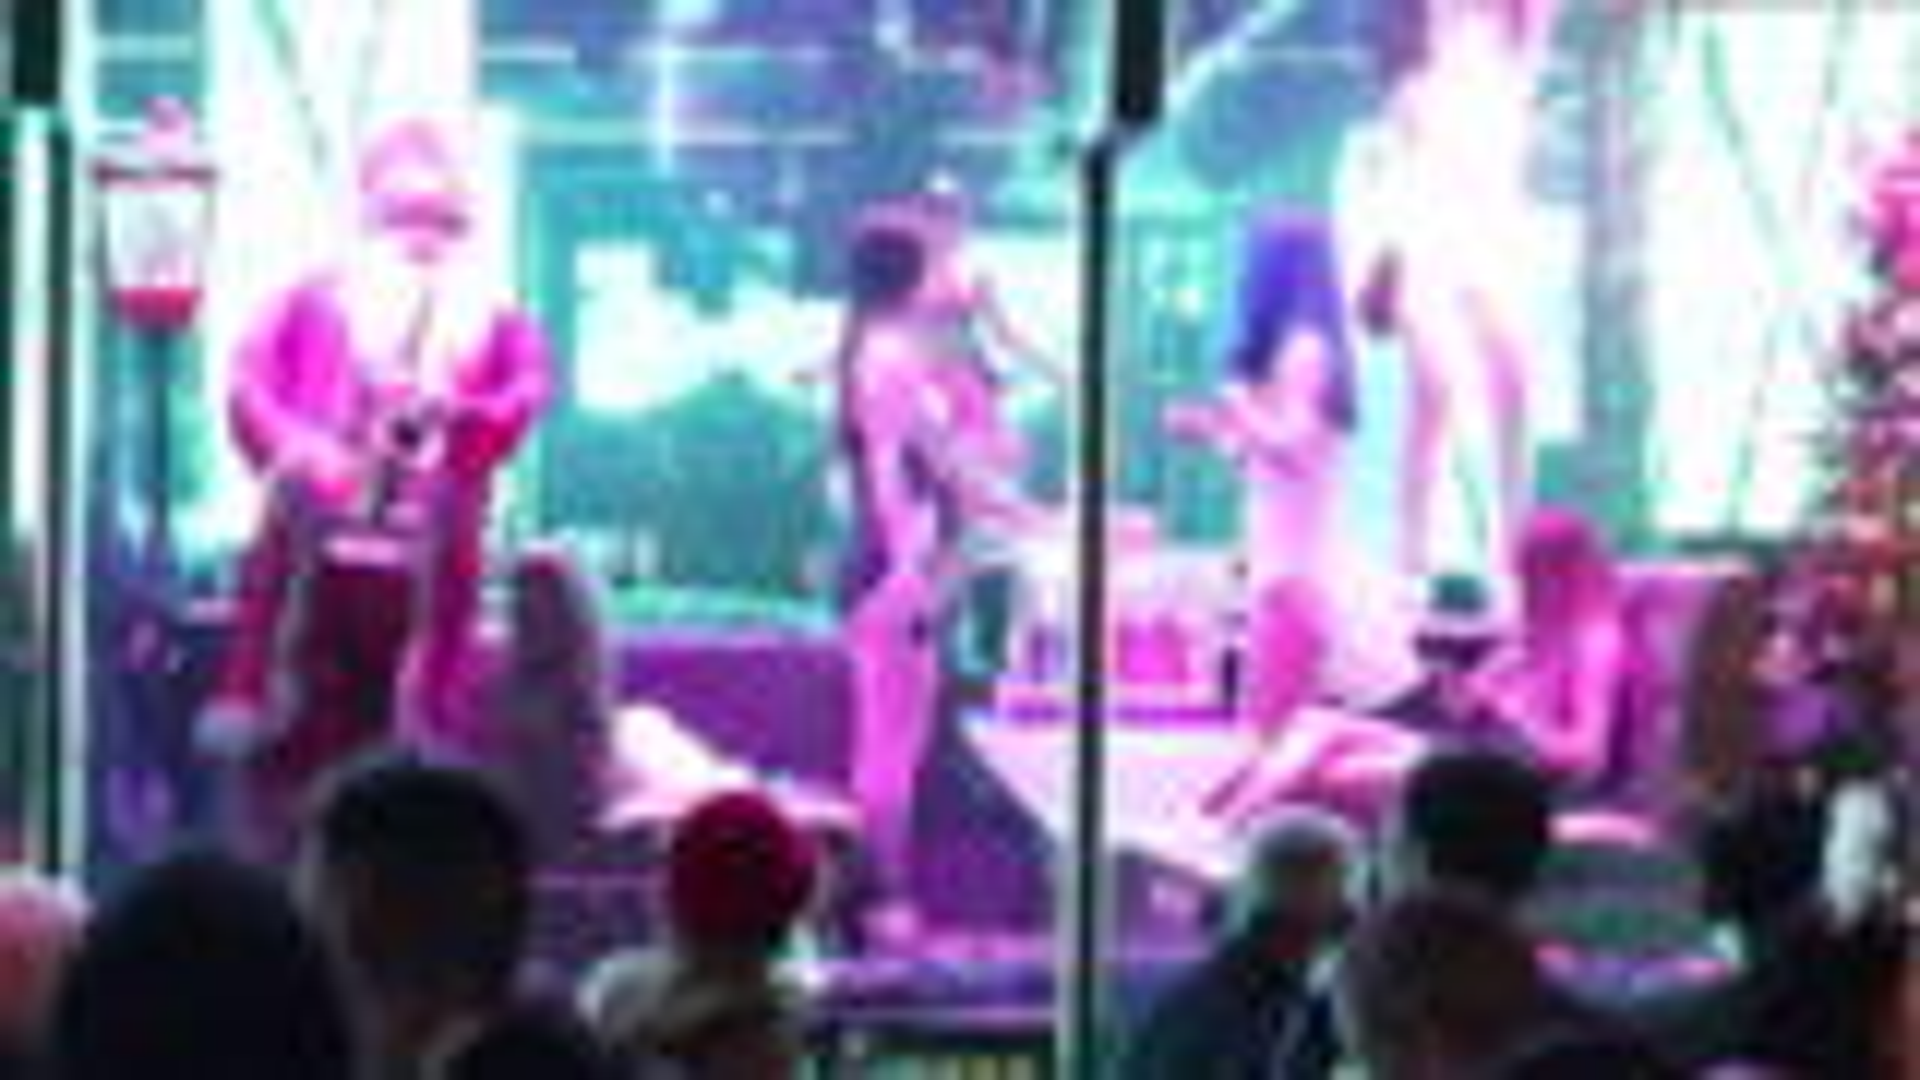 西街酒吧跳舞的小姐姐真多,站在门口观看的大老爷们更多